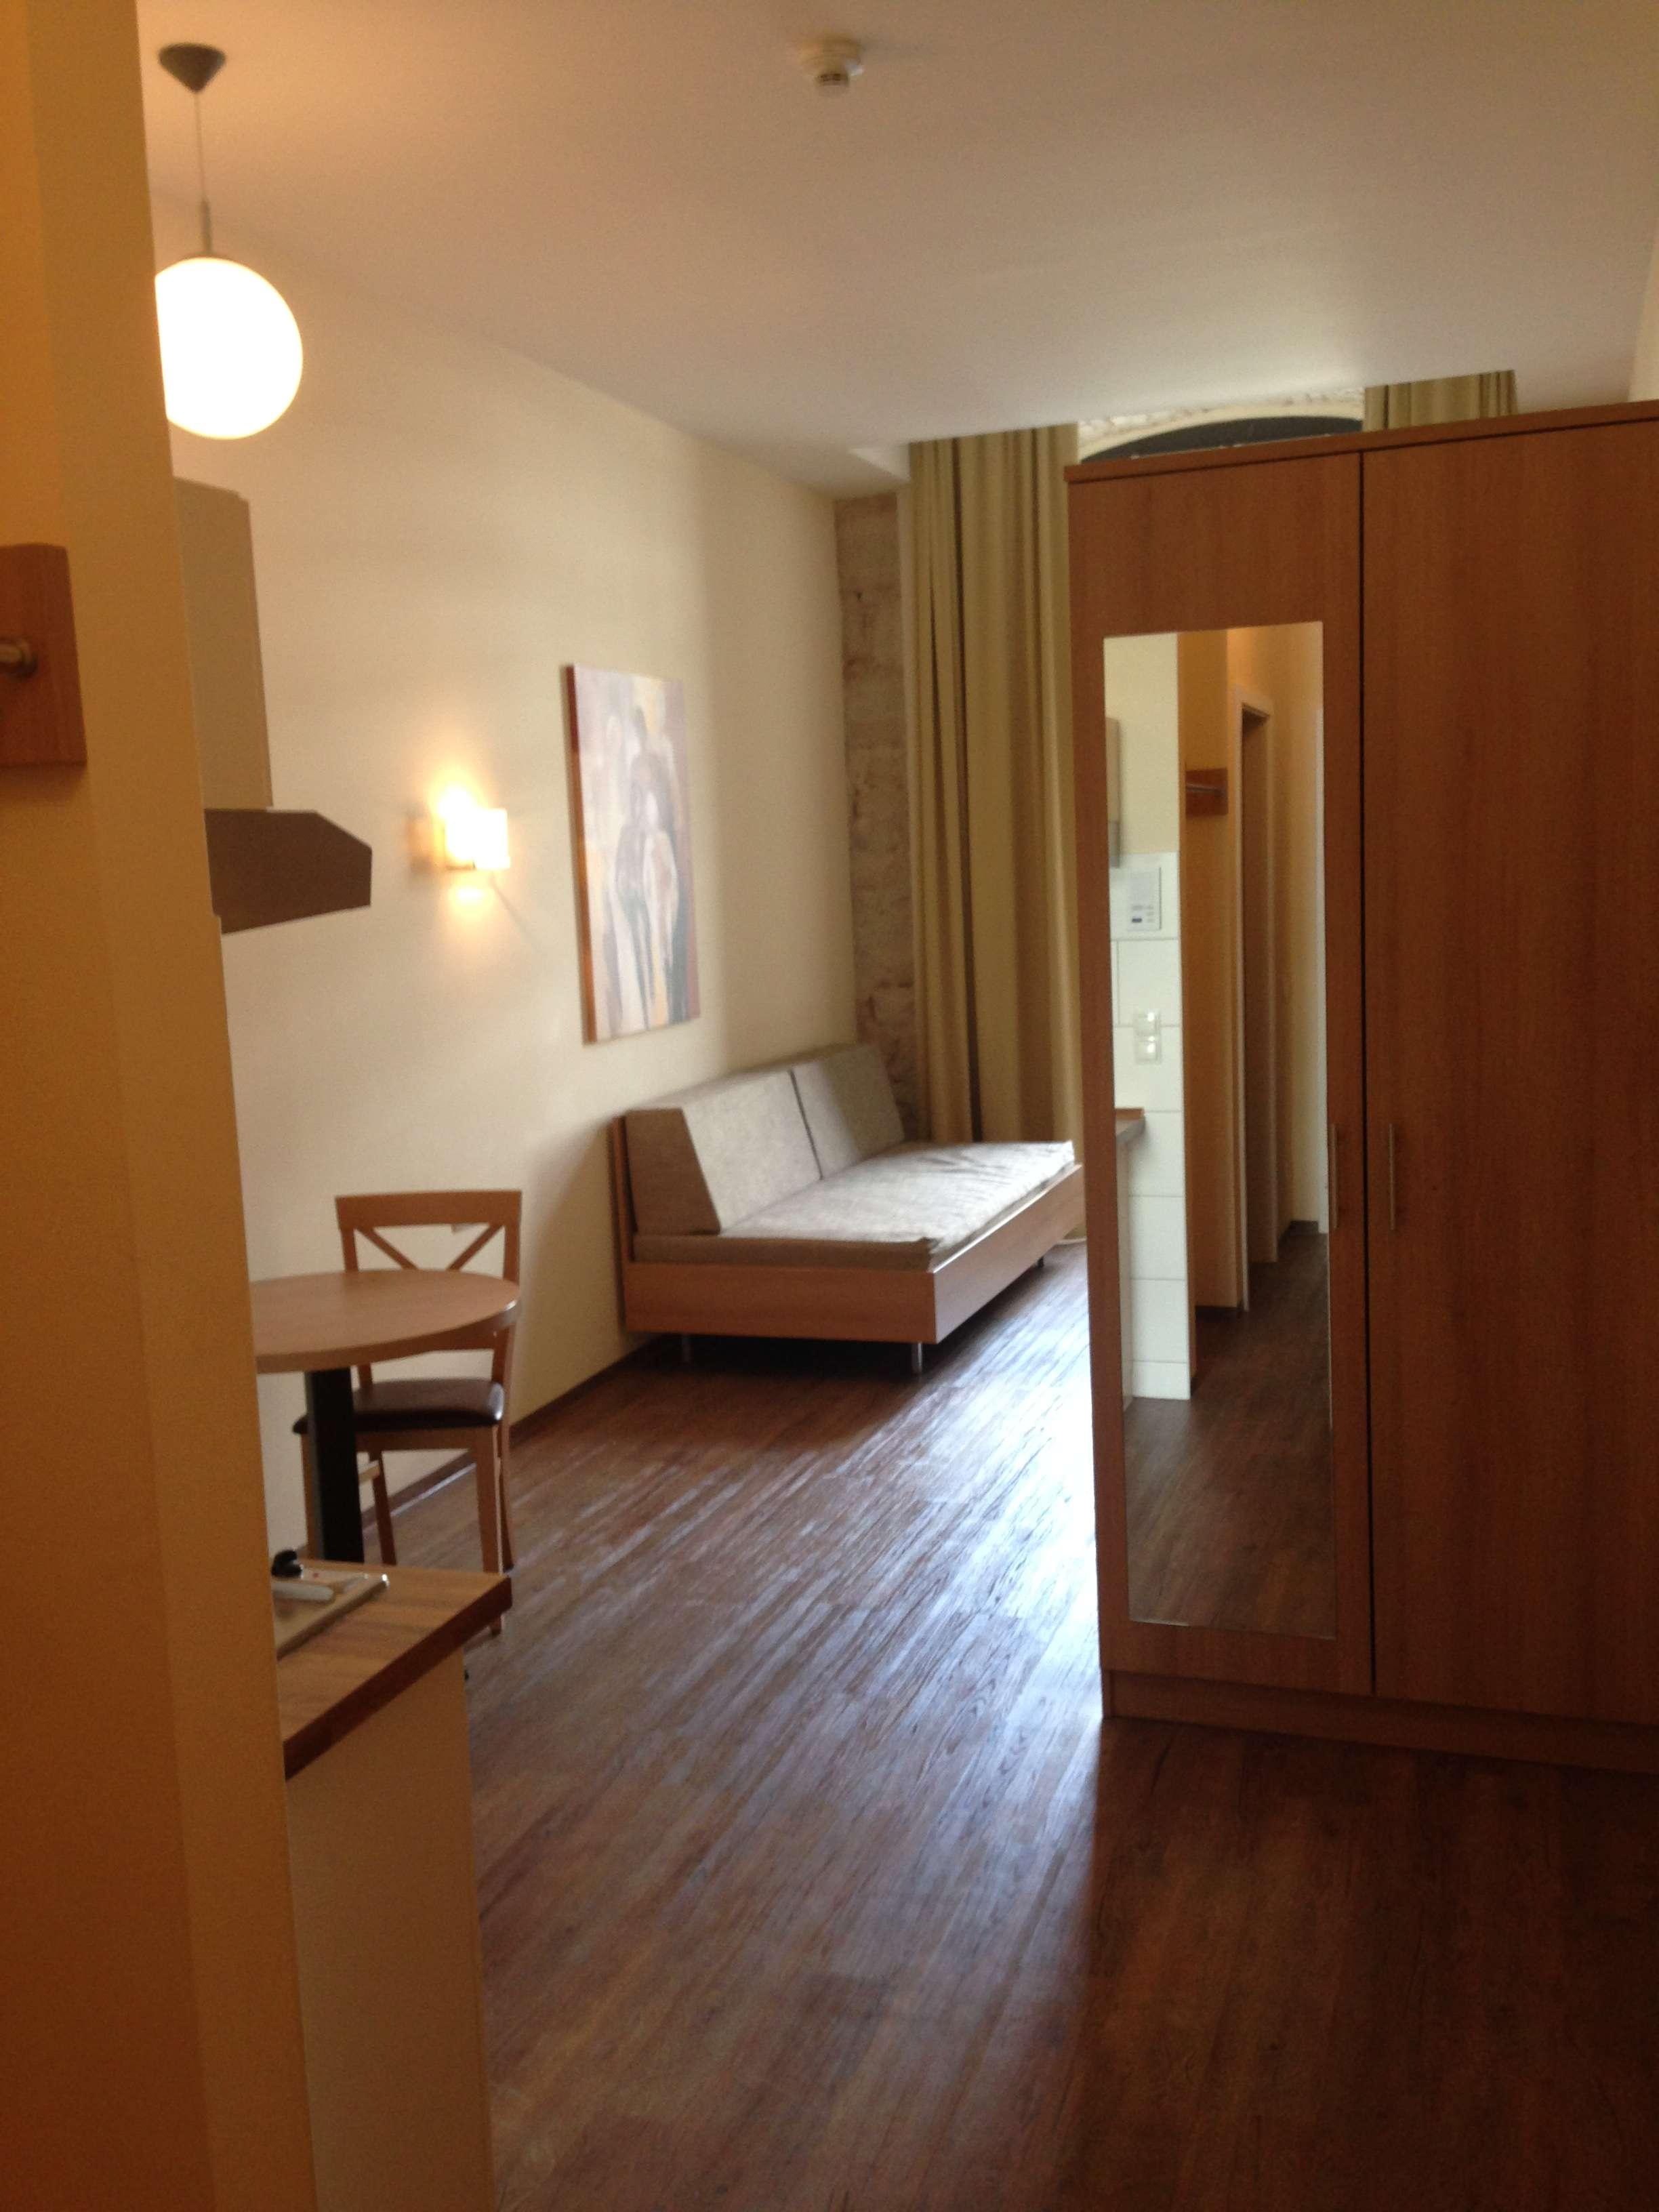 2-Zimmer-Appartement, WG geeignet; Frei ab 01.07.2019